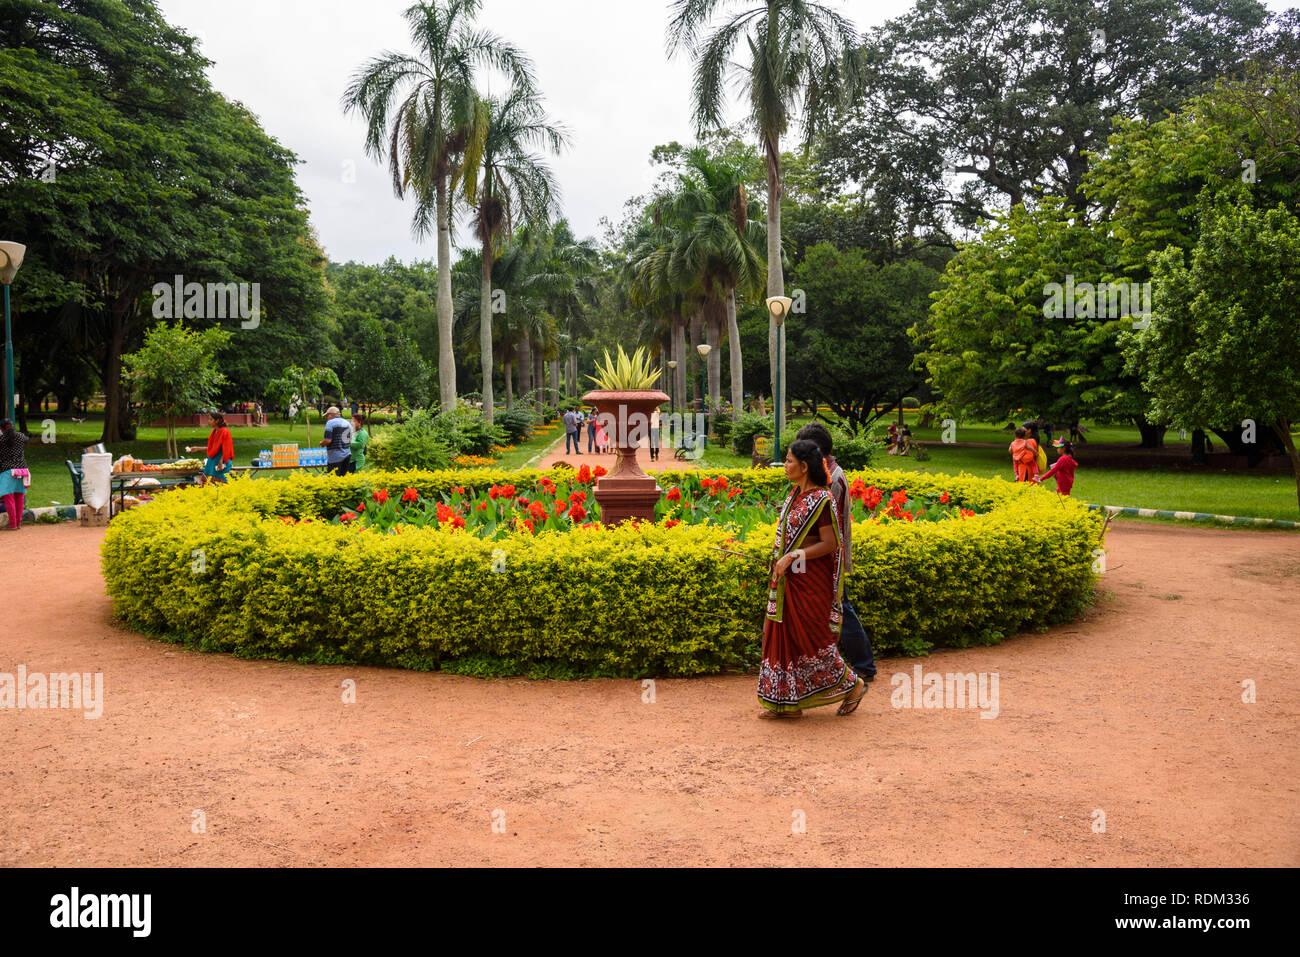 Lalbagh Botanical Gardens, Banaglore, Bengaluru, Karnataka, India - Stock Image